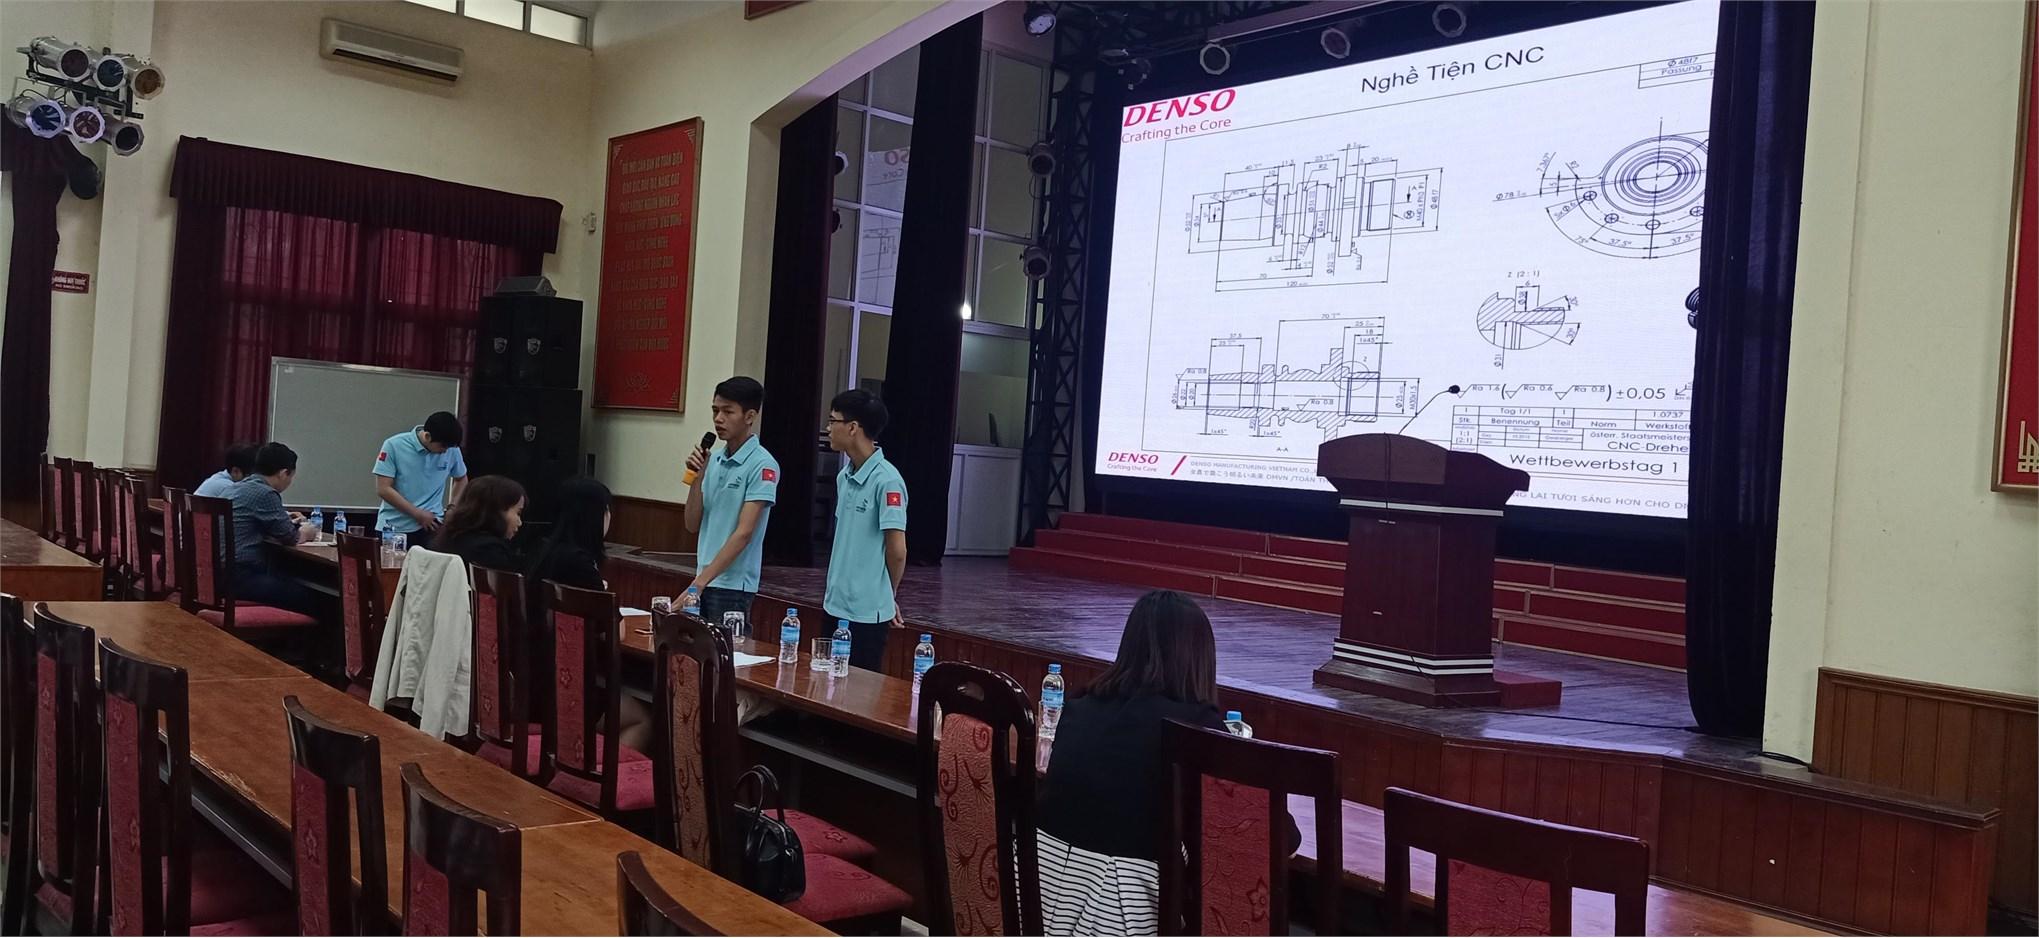 Sinh viên Trung tâm Việt Nhật tham dự Hội thảo giới thiệu hồ sơ tuyển ứng viên thi tay nghề thế giới 2021 do công ty TNHH Denso tổ chức